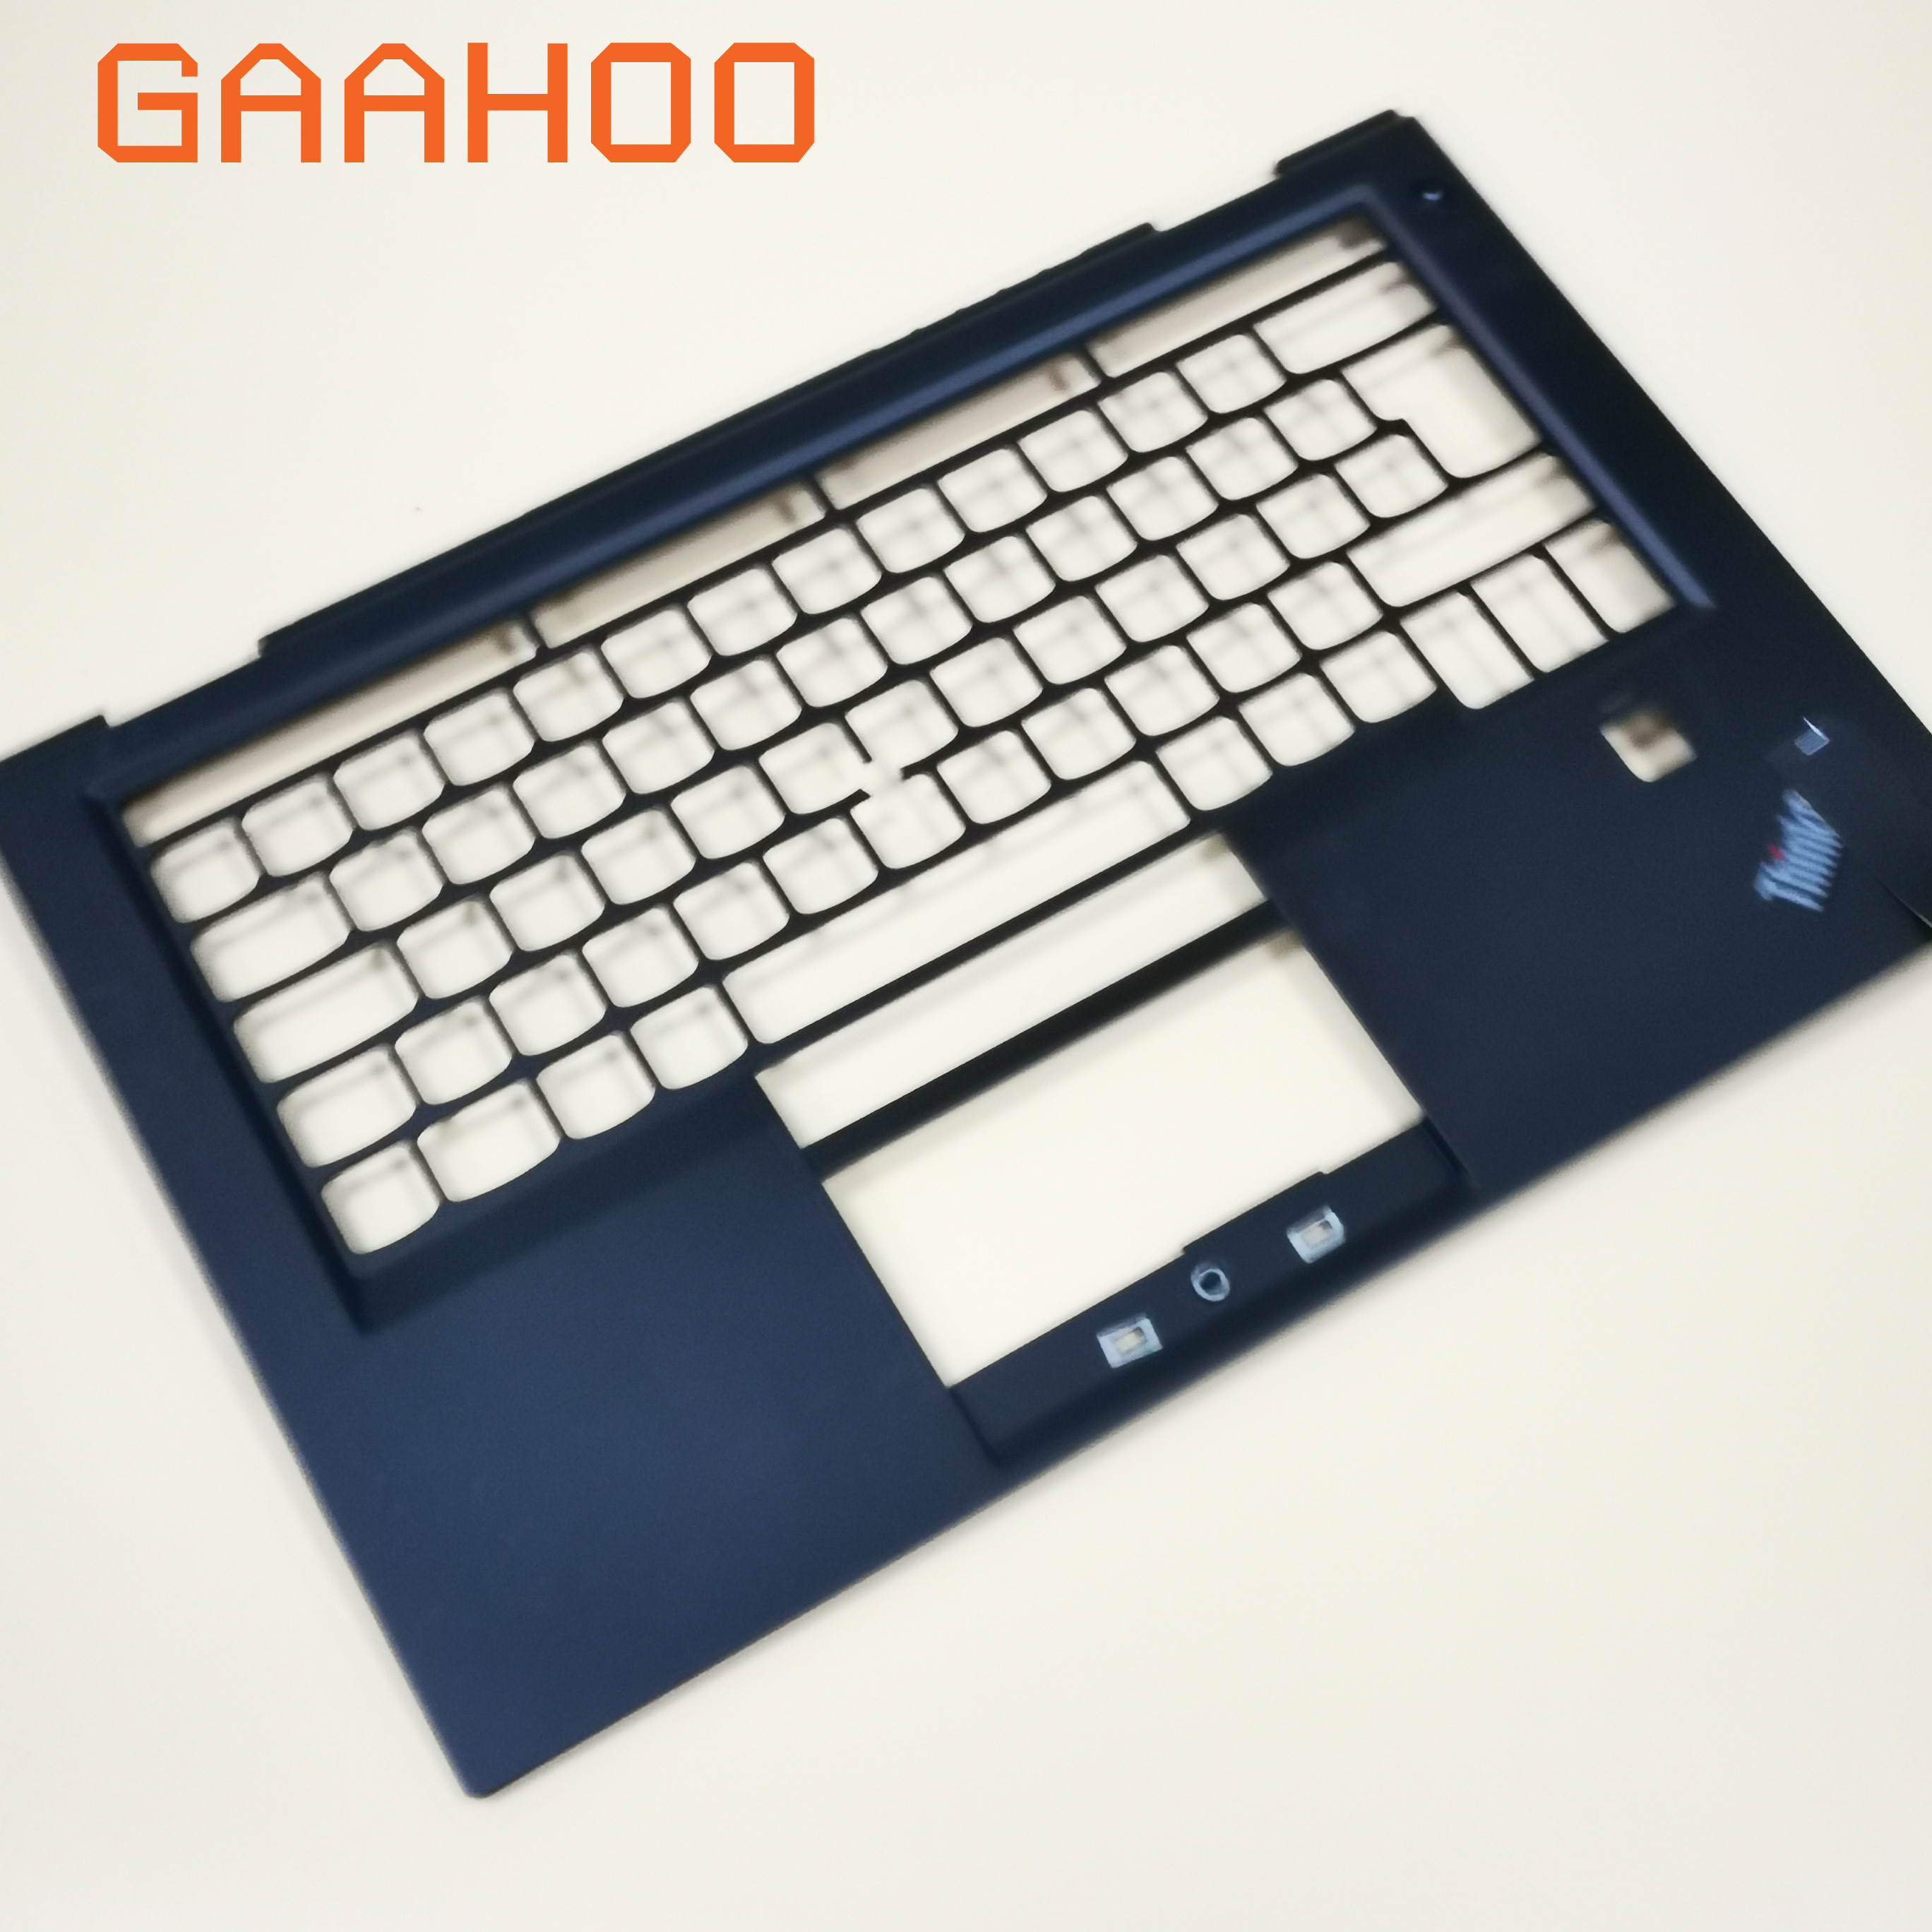 Tout nouveau Original pour Lenovo ThinkPad X1 Yoga 3rd Gen 20LD 20LE 20LF 20LG Palmrest UK disposition clavier lunette couverture boîtier supérieur